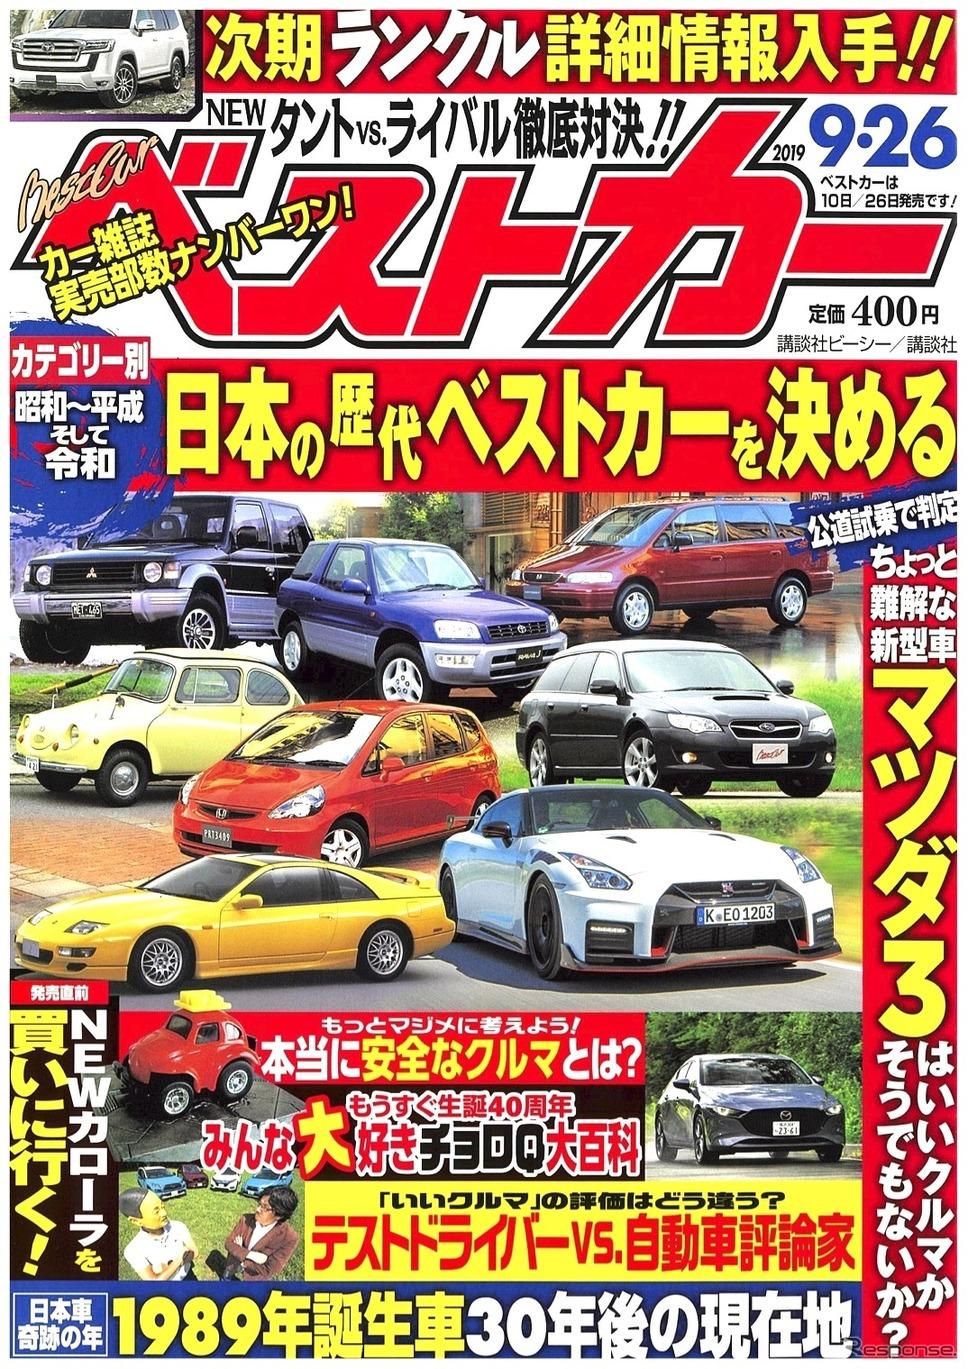 『ベストカー』9月26日号